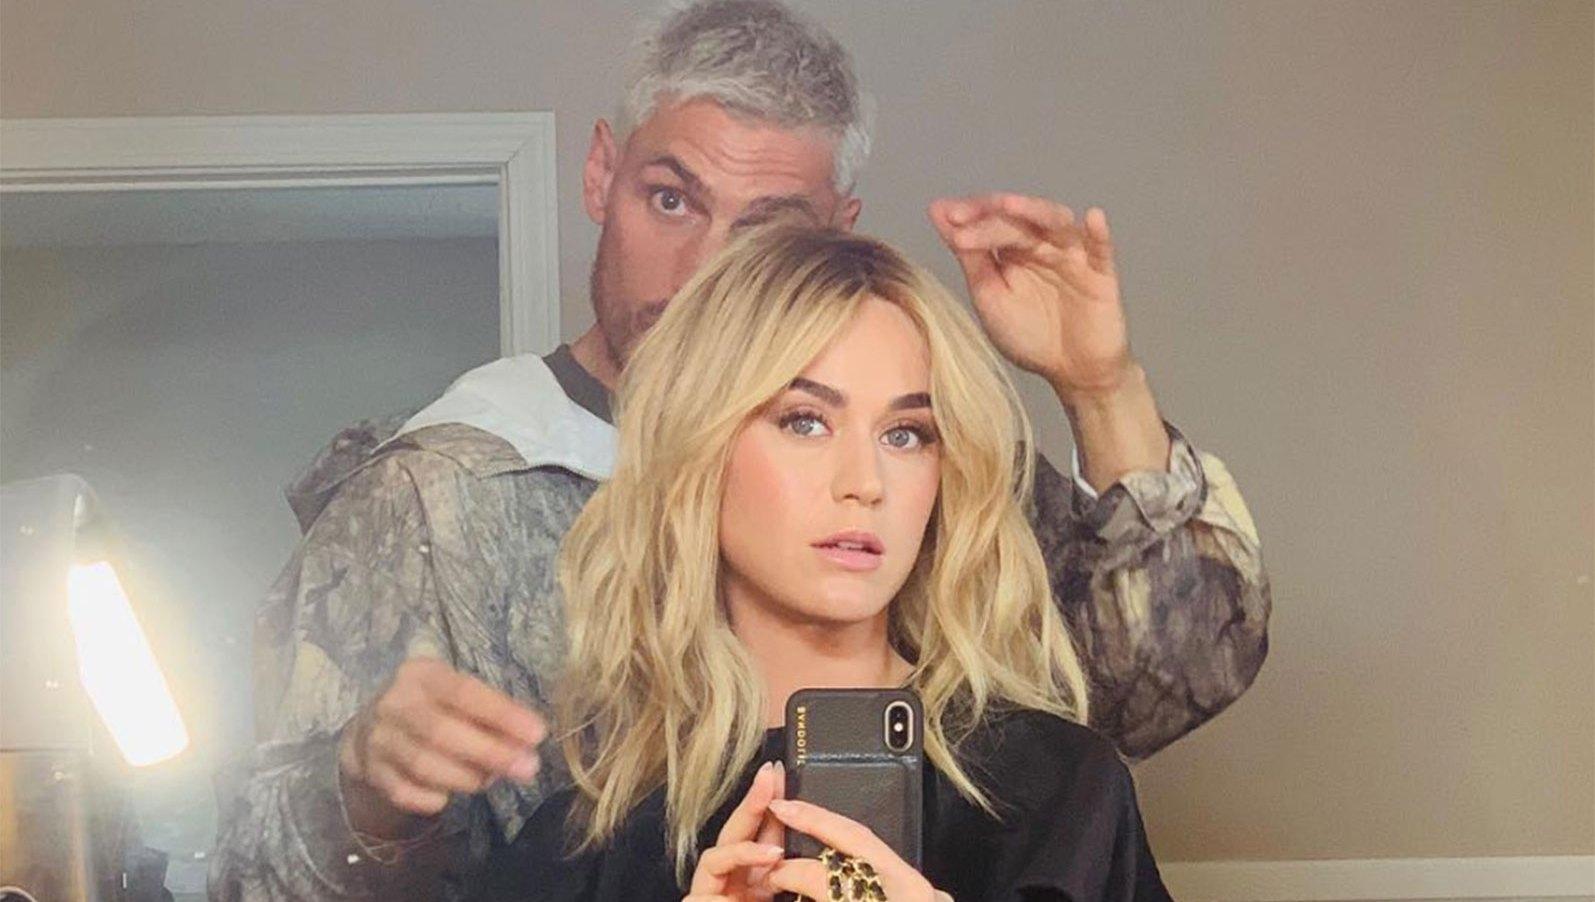 Katy Perry wig blonde hair